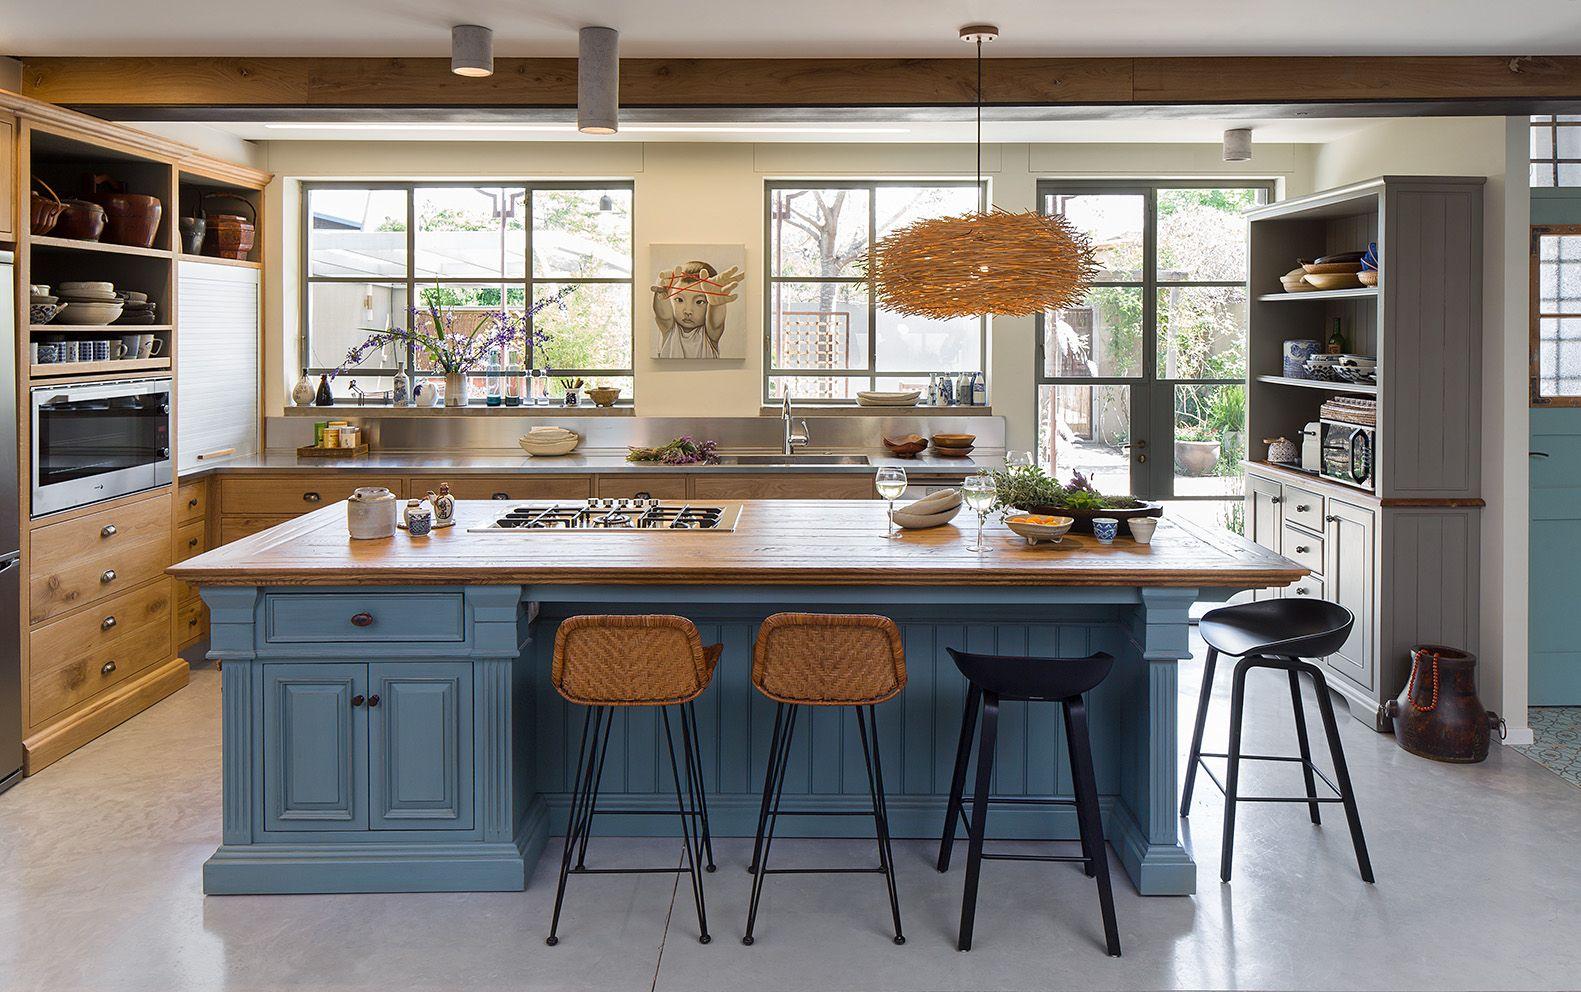 Solid Wood French Oak Kitchen By Touchwood Fine Traditional Woodwork מטבח כפרי מעץ אלון צרפתי טאצ ווד מטבחים כ Eclectic Kitchen Country Kitchen Kitchen Design